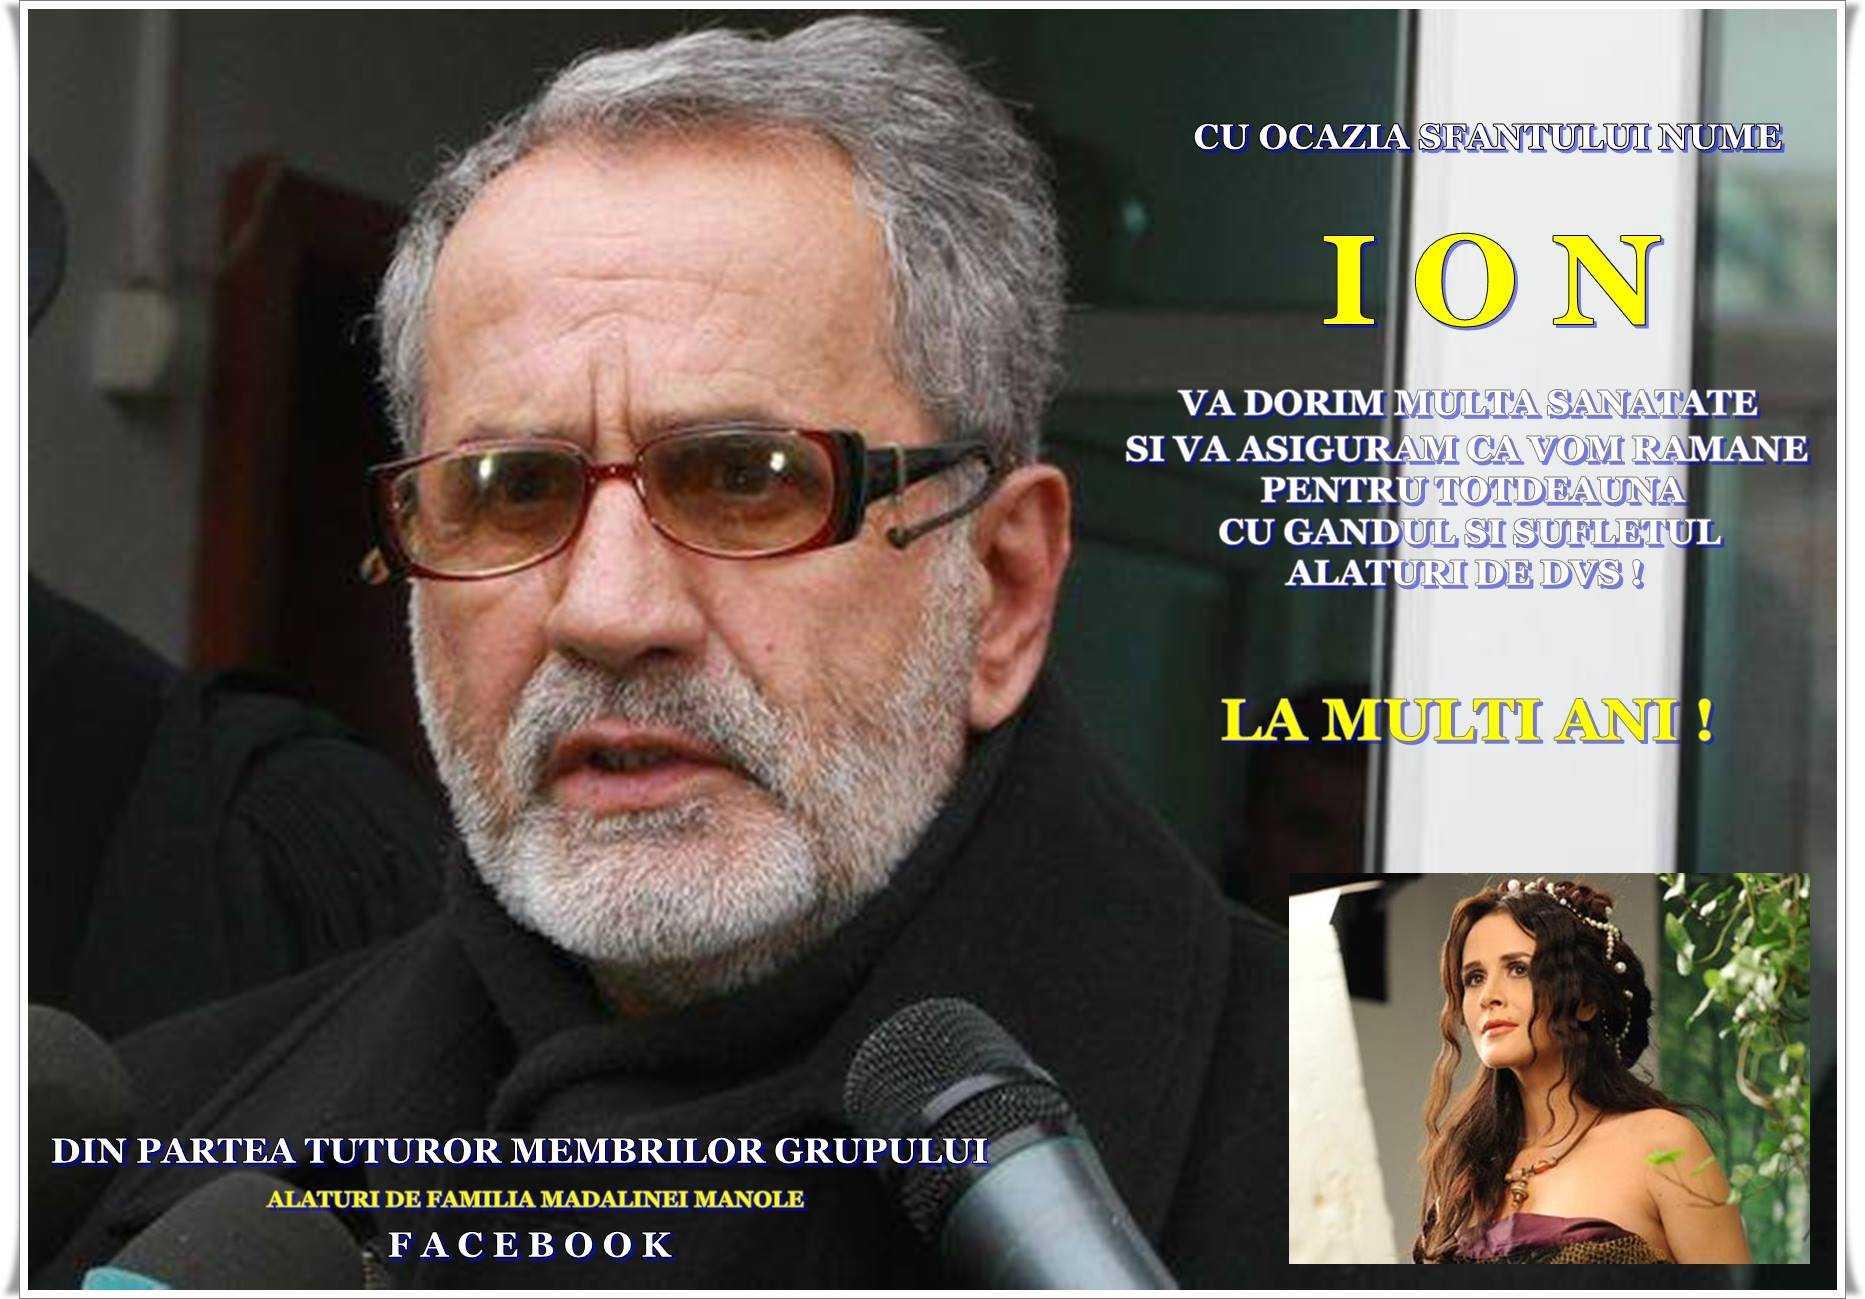 Tatal Madalinei Manole felicitat de fanii artistei pe Facebook